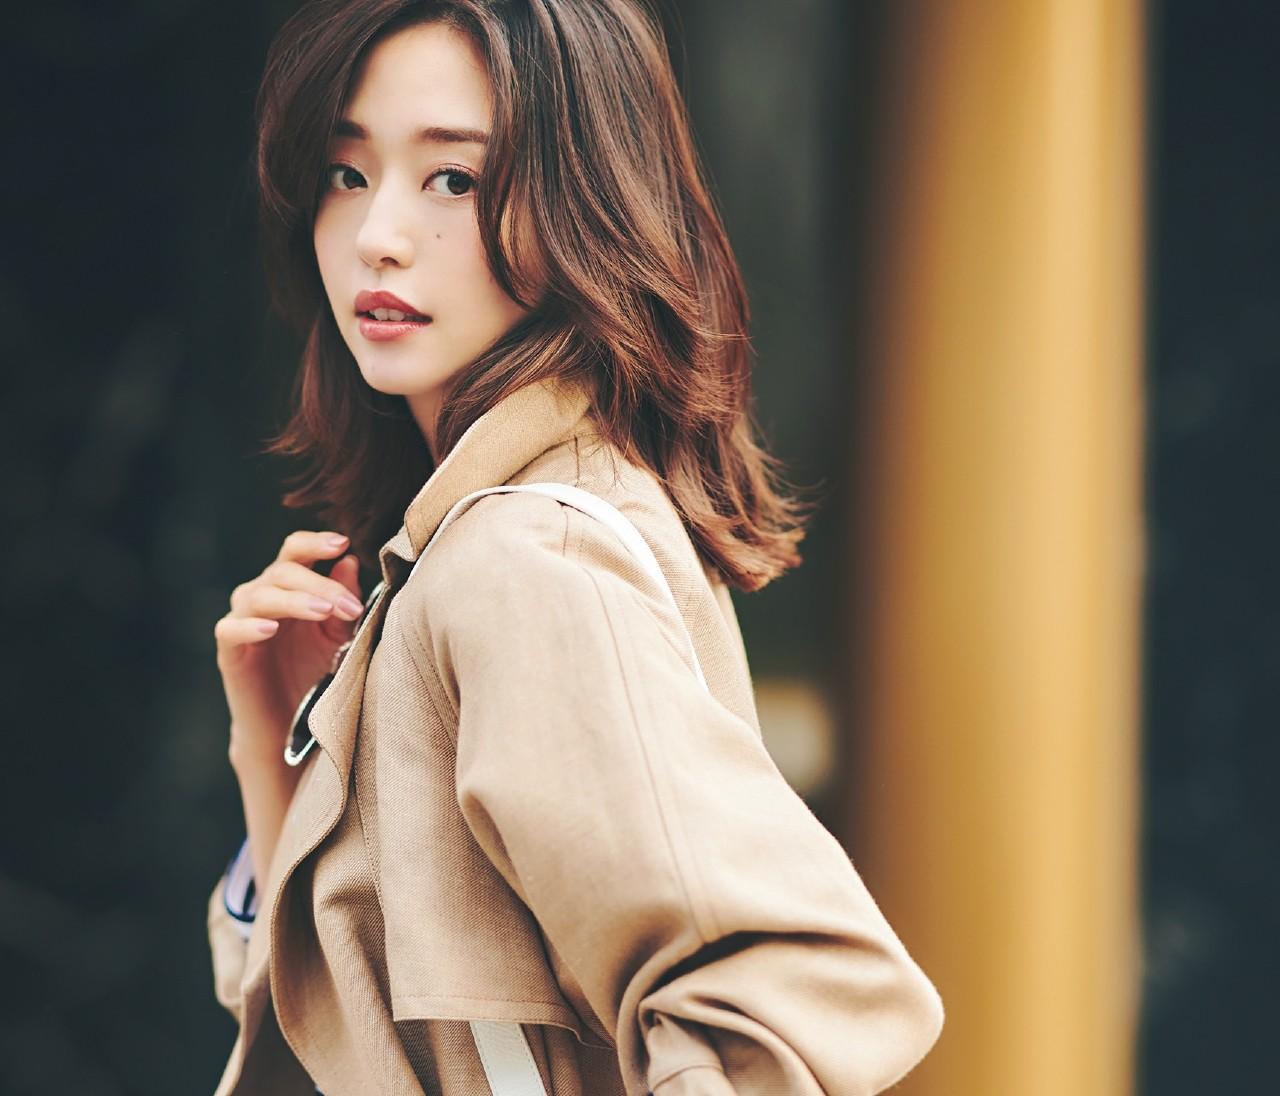 【トレンチ着付け方レッスン】小川ゆう子さん直伝!カラダ合わせの立体感をつくって美人見え